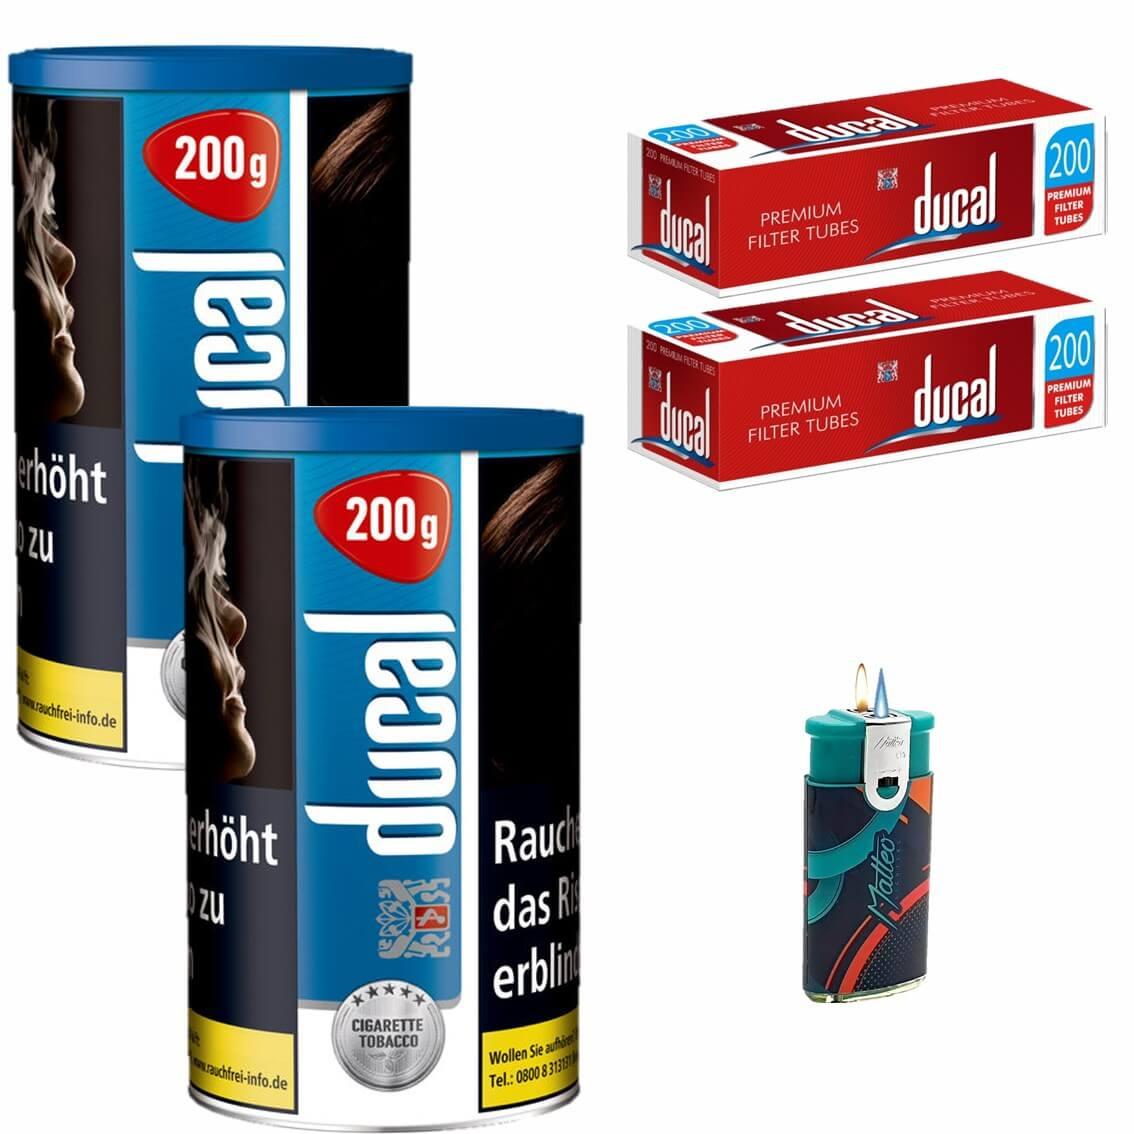 Ducal Blue / Blau 2 x 200g Feinschnitt / Zigarettentabak 400 King Size Filterhülsen Uvm.